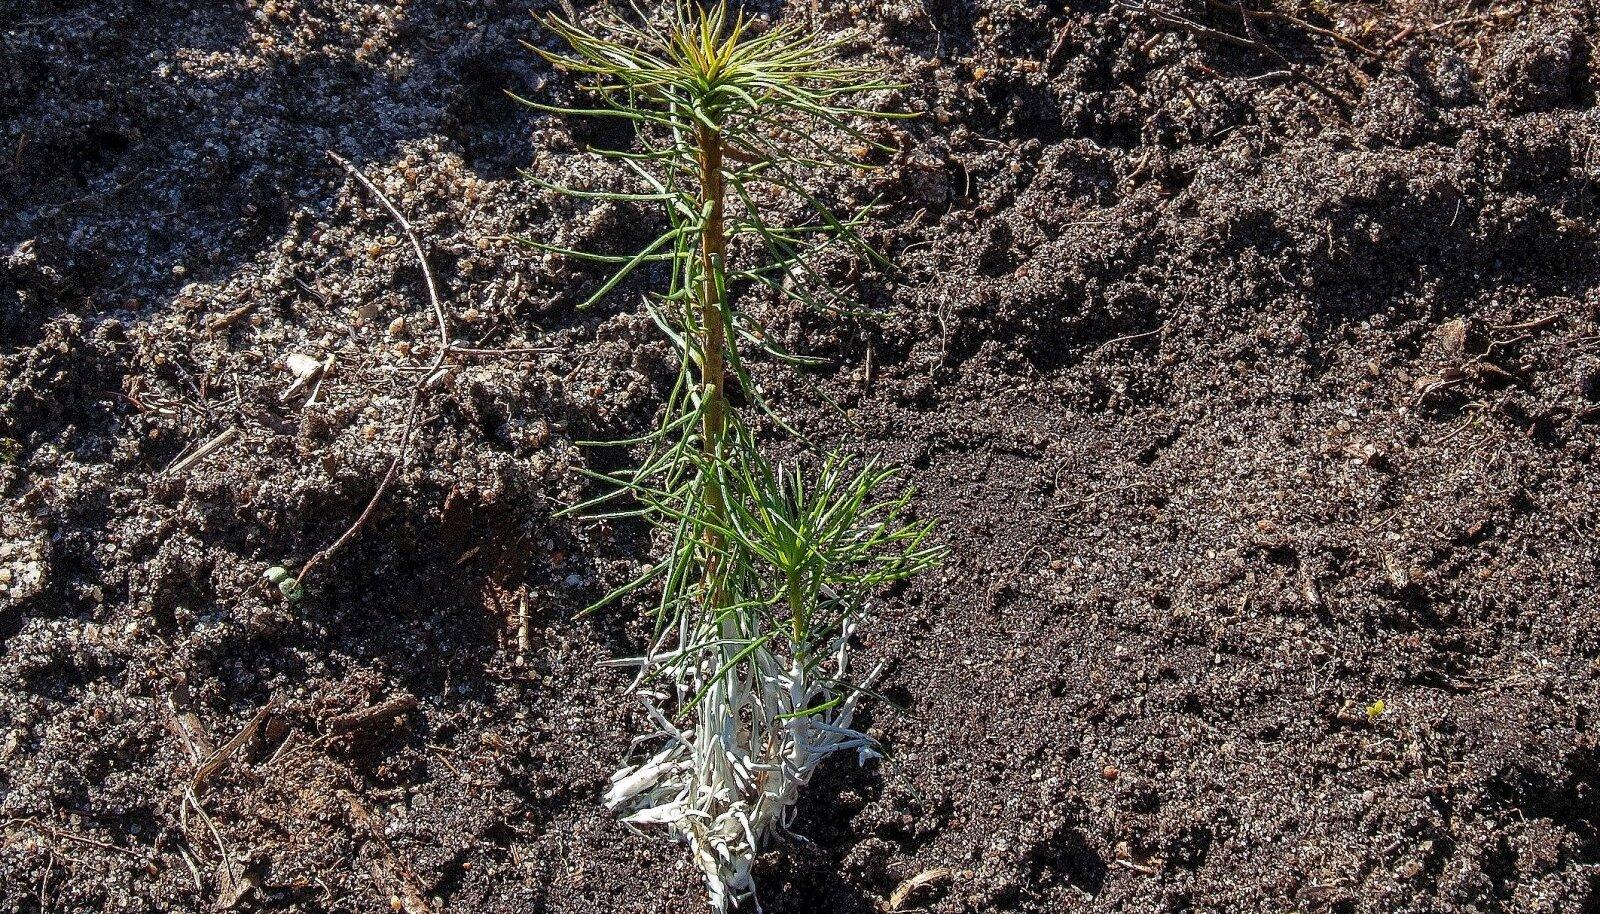 Mände võib istuda nüüd 2600 taime hektarile. Kuna nende kaitsmiseks kärsakate ja ulukite eest on mitmeid võimalusi, siis saab taimede hukkumist ära hoida ja seadu ei pea nii tihe olema. Pildil olevat taime on kärsaka kaitseks töödeldud vahaga.